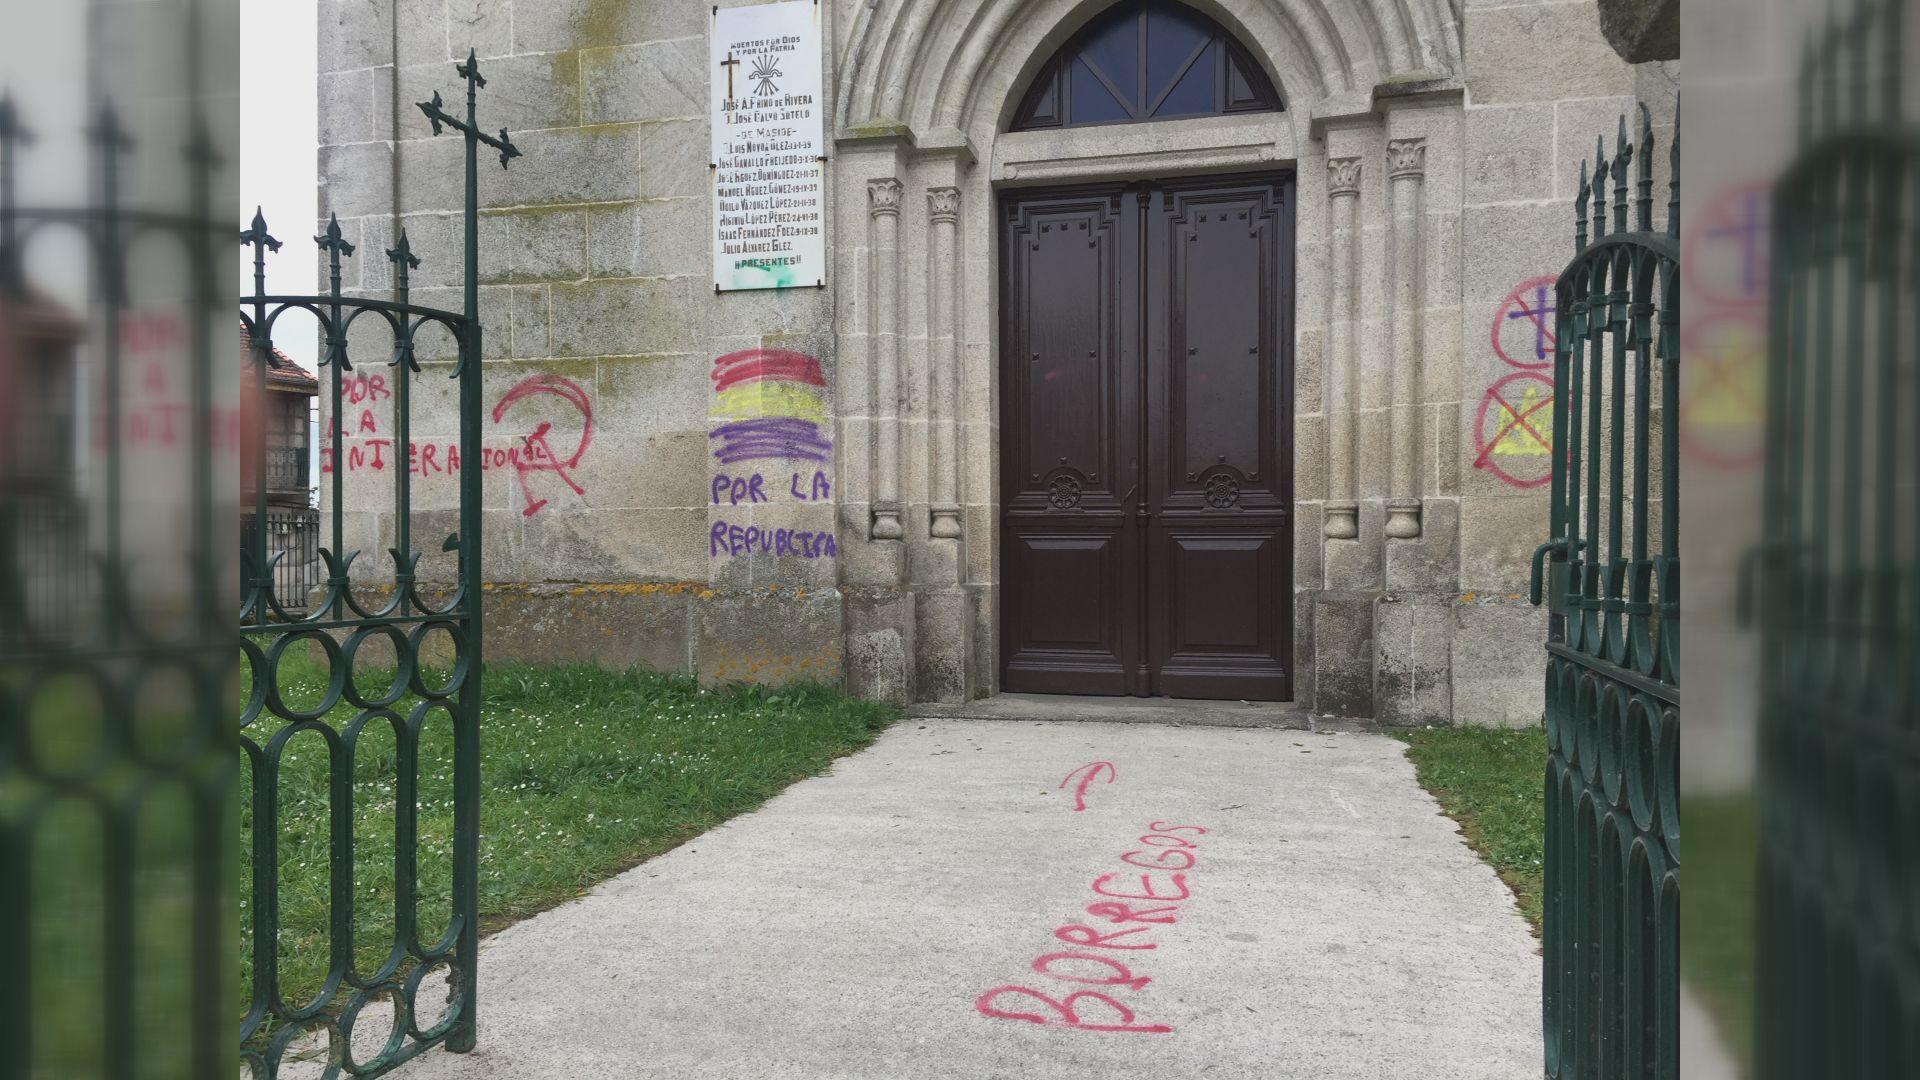 Pintadas a favor de la República en la iglesia de Maside